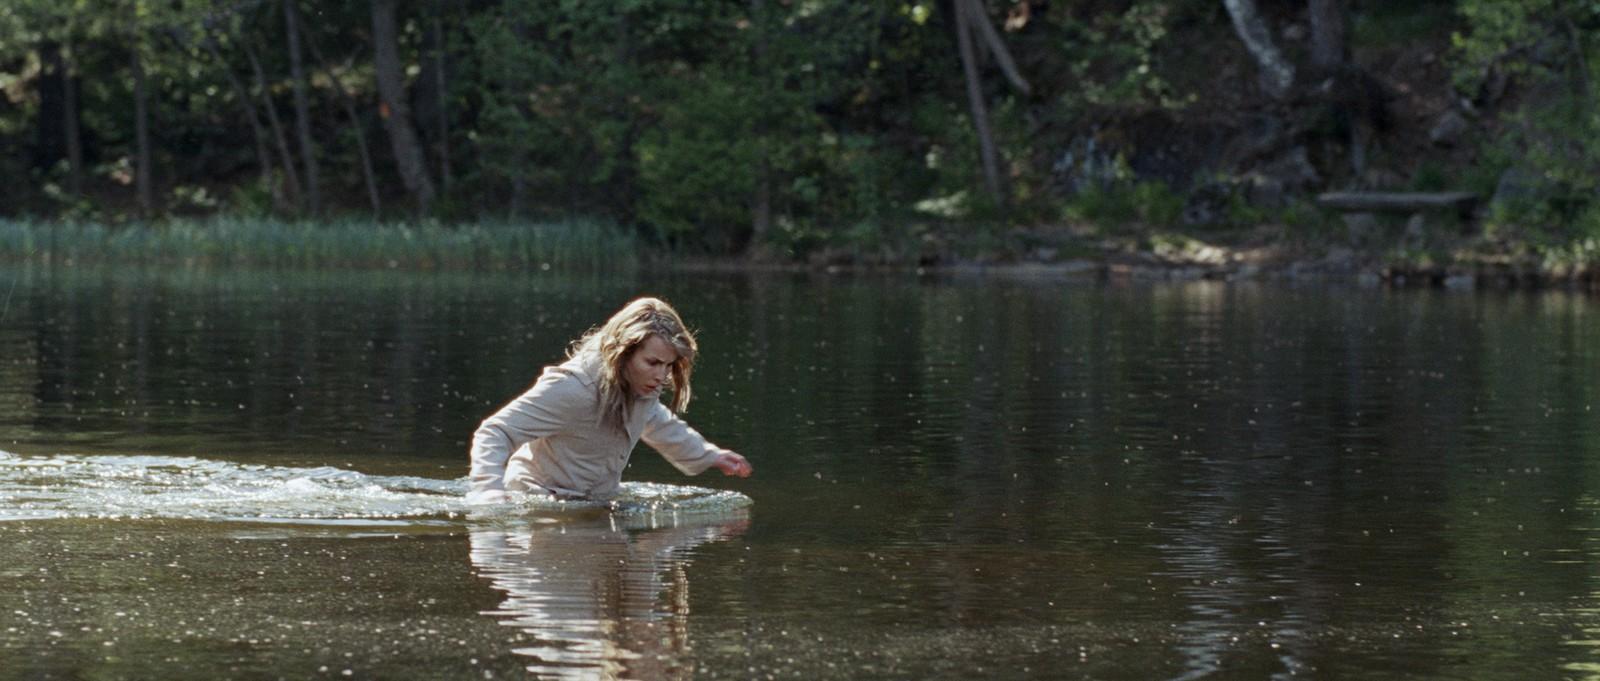 Babycall er en norsk thriller regissert av Pål Sletaune. Hovedroller: Noomi Rapace og Kristoffer Joner.